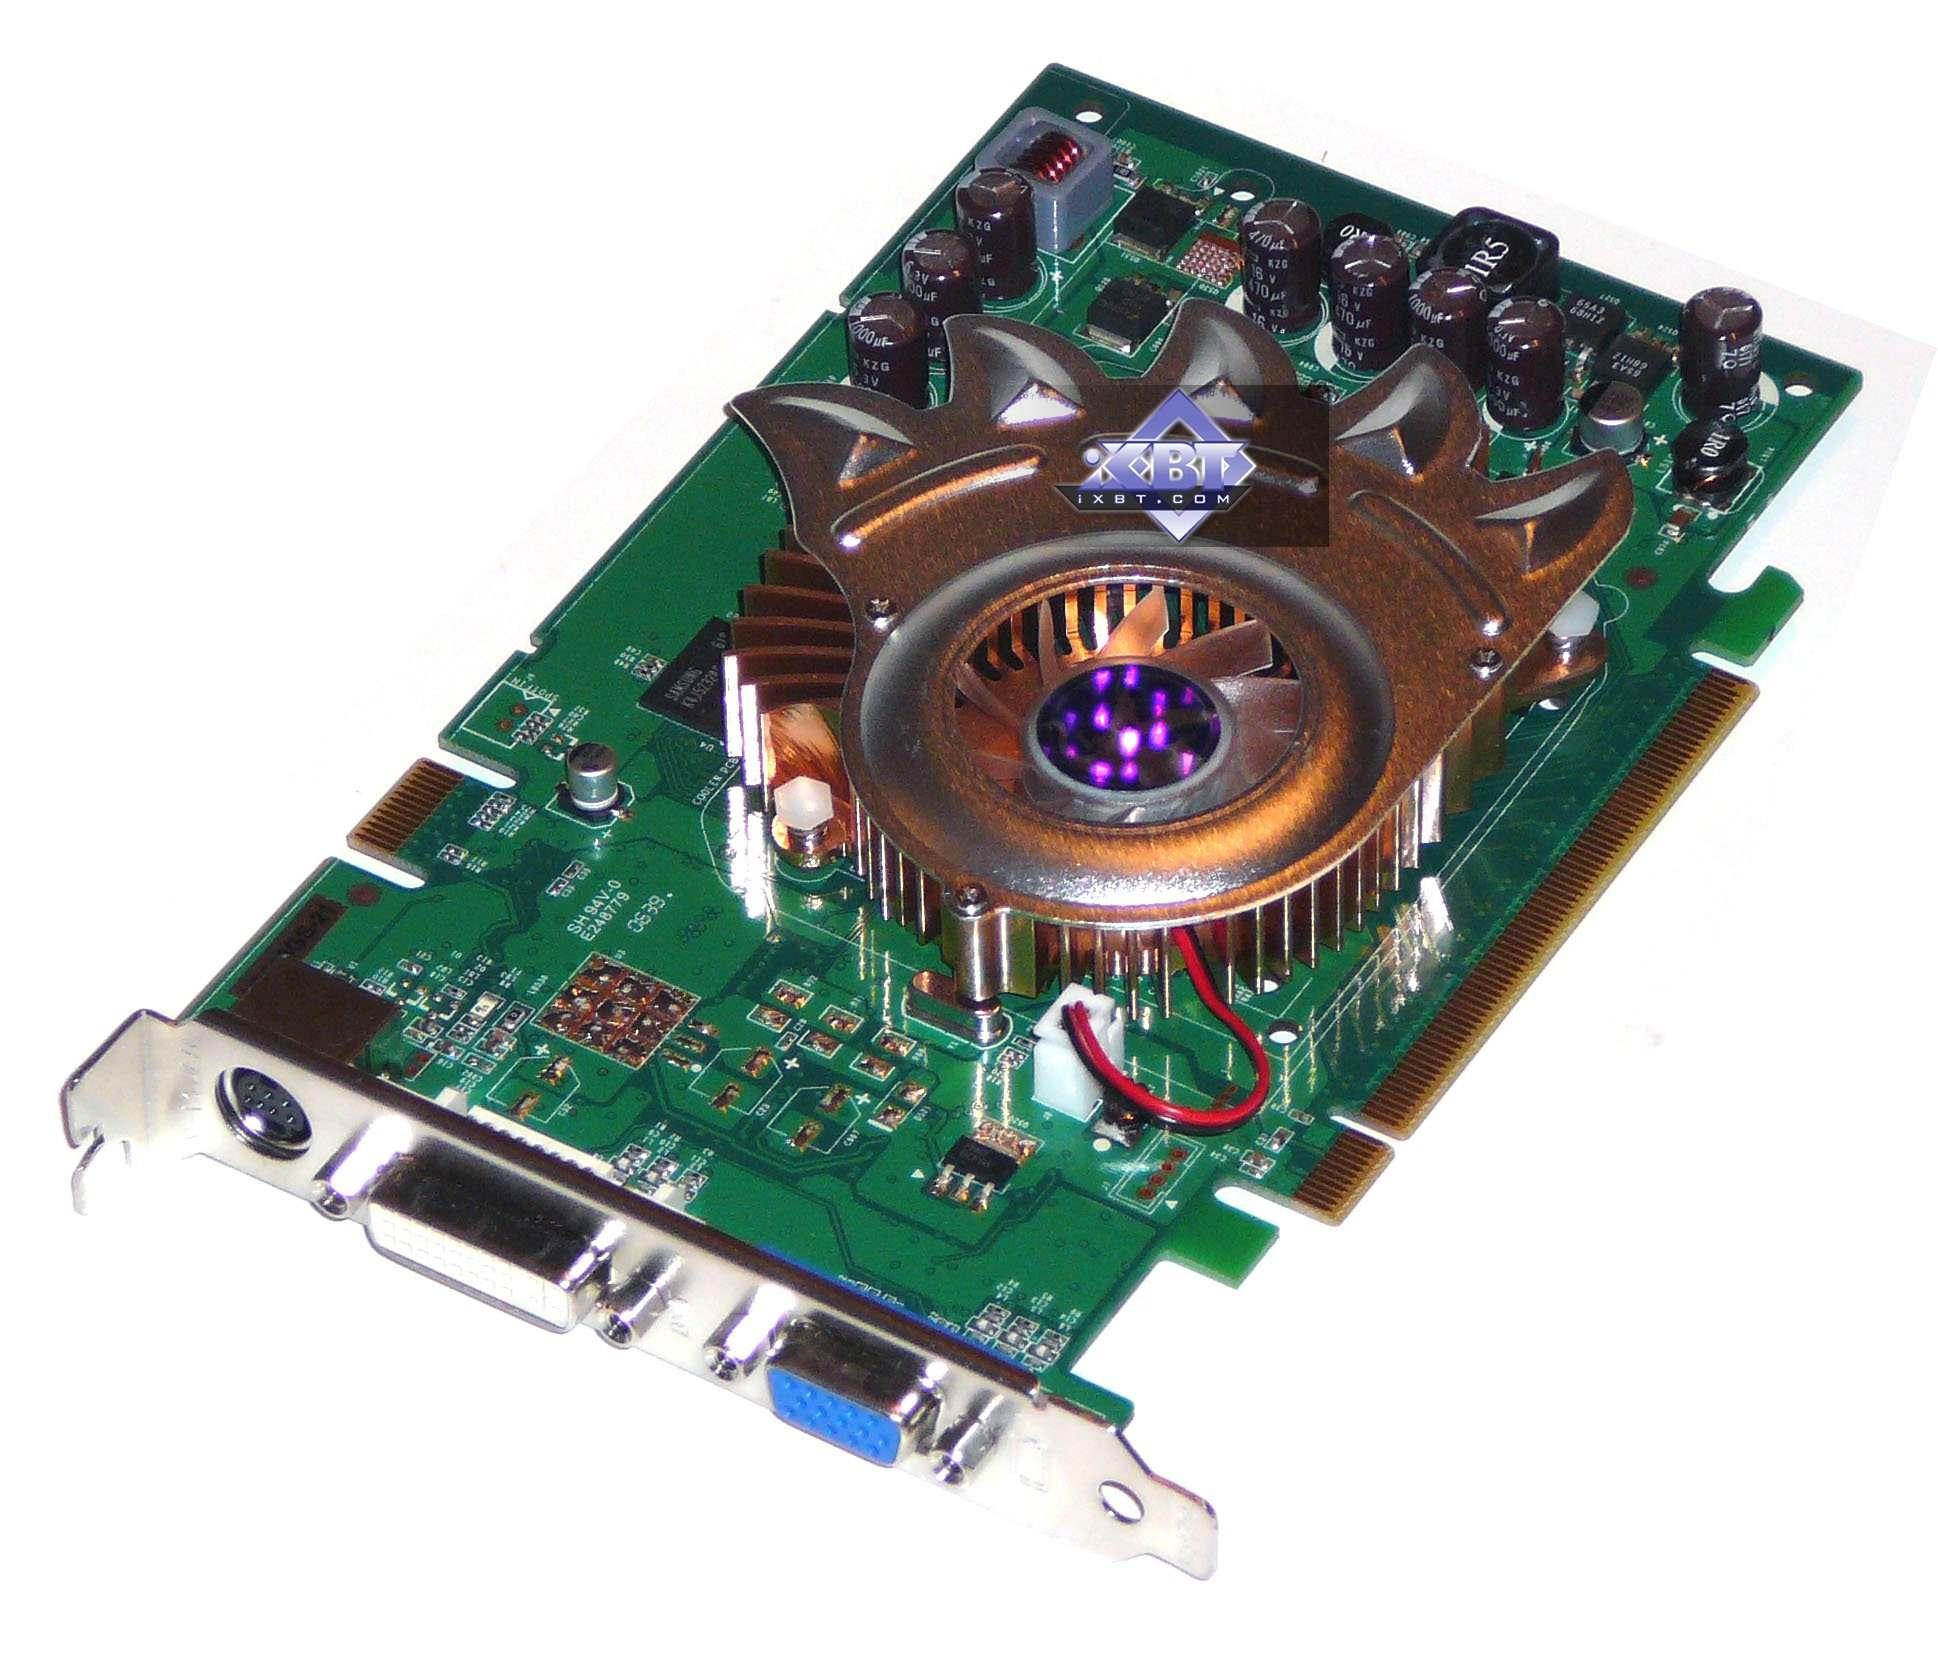 драйвера для nvidia geforce gt 440 скачать